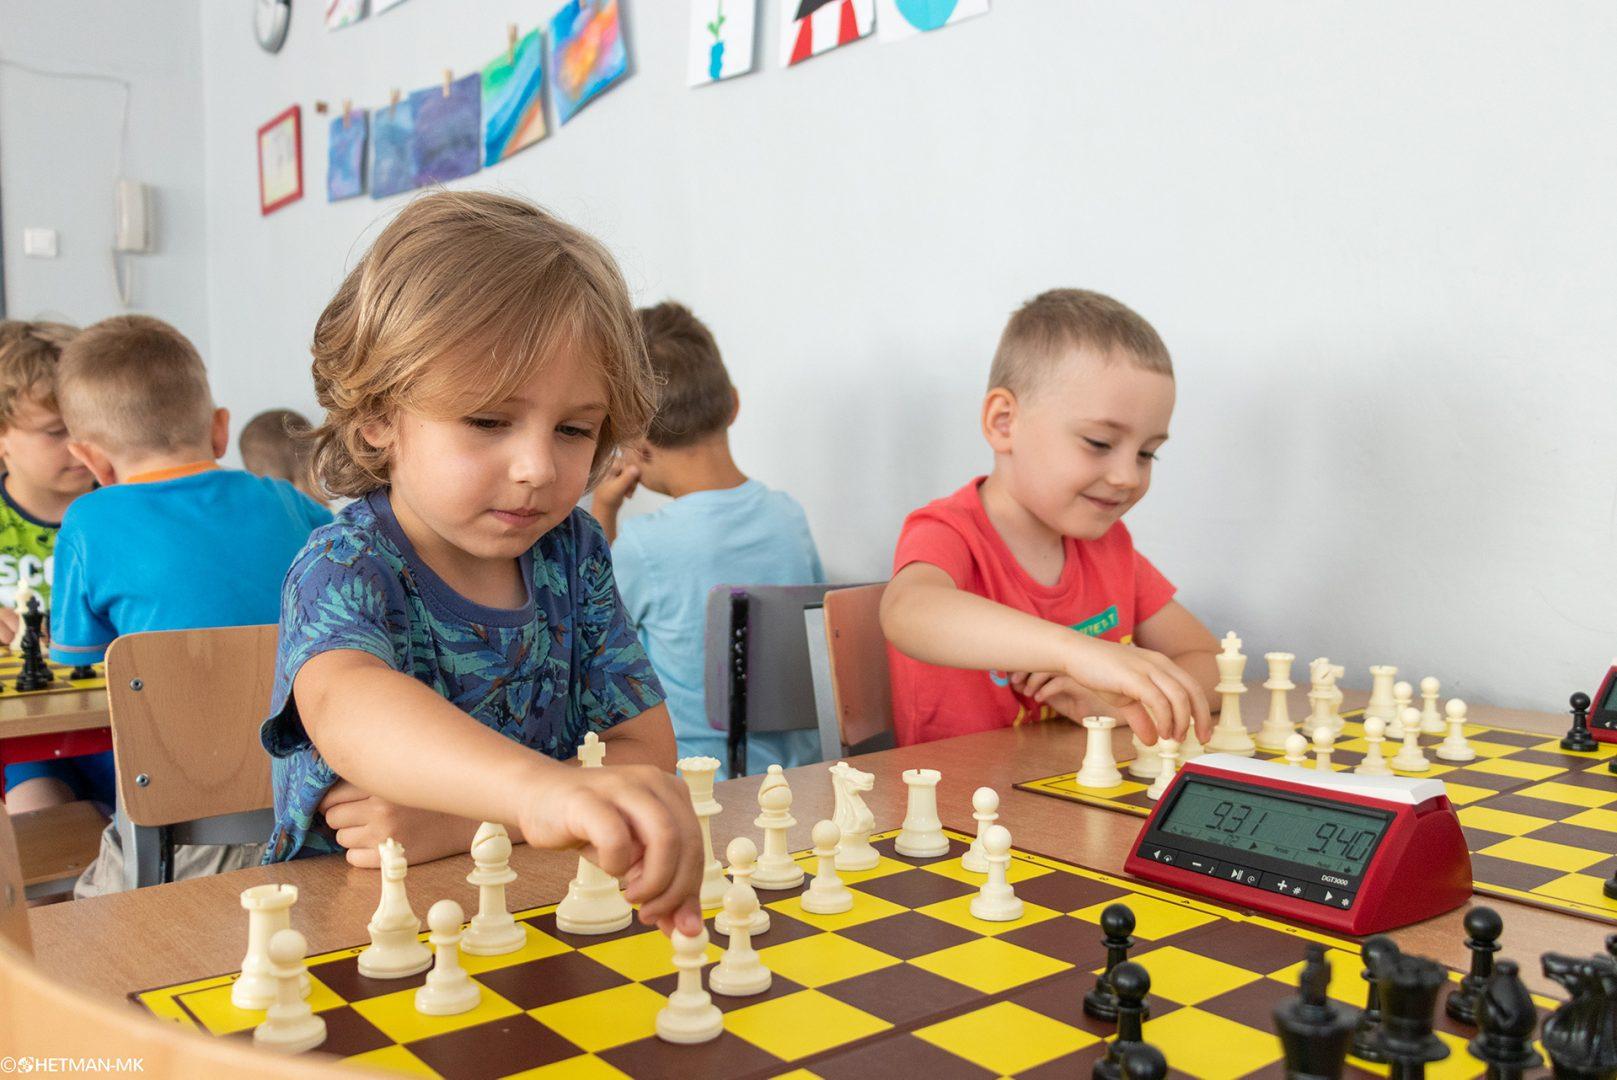 IX Szachowe Mistrzostwa Społecznego Przedszkola Akademia Przedszkolaka, Świdnica, 17.06.2019